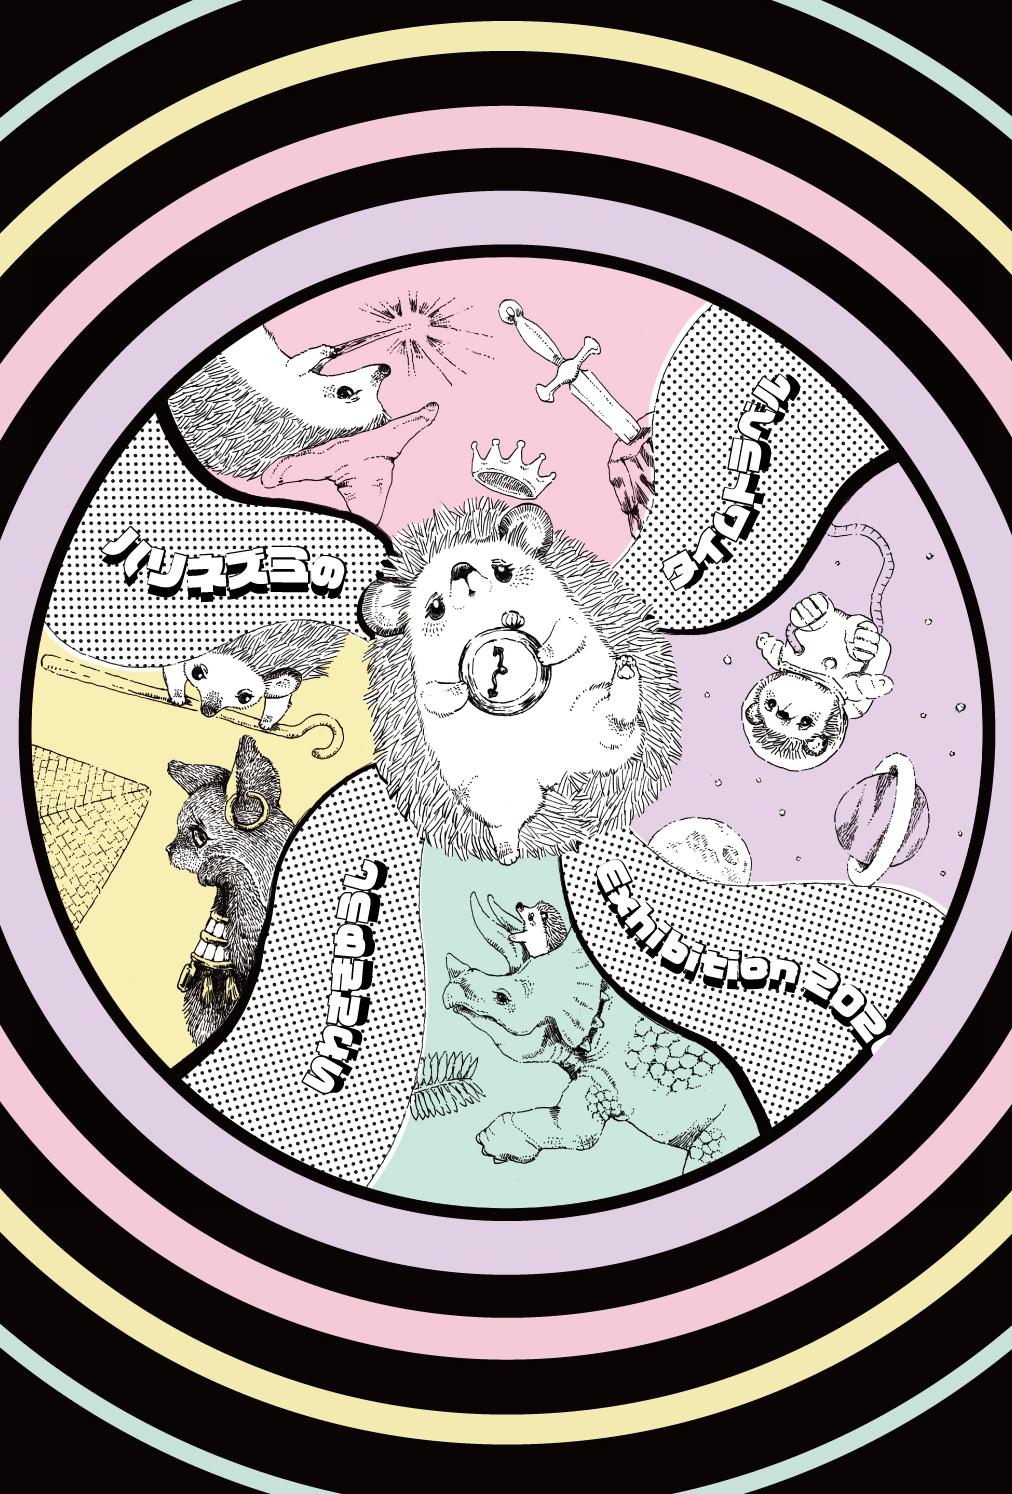 いわさきゆうし個展 「ハリネズミのタイムトラベル」(2020.6.19 – 6.29)